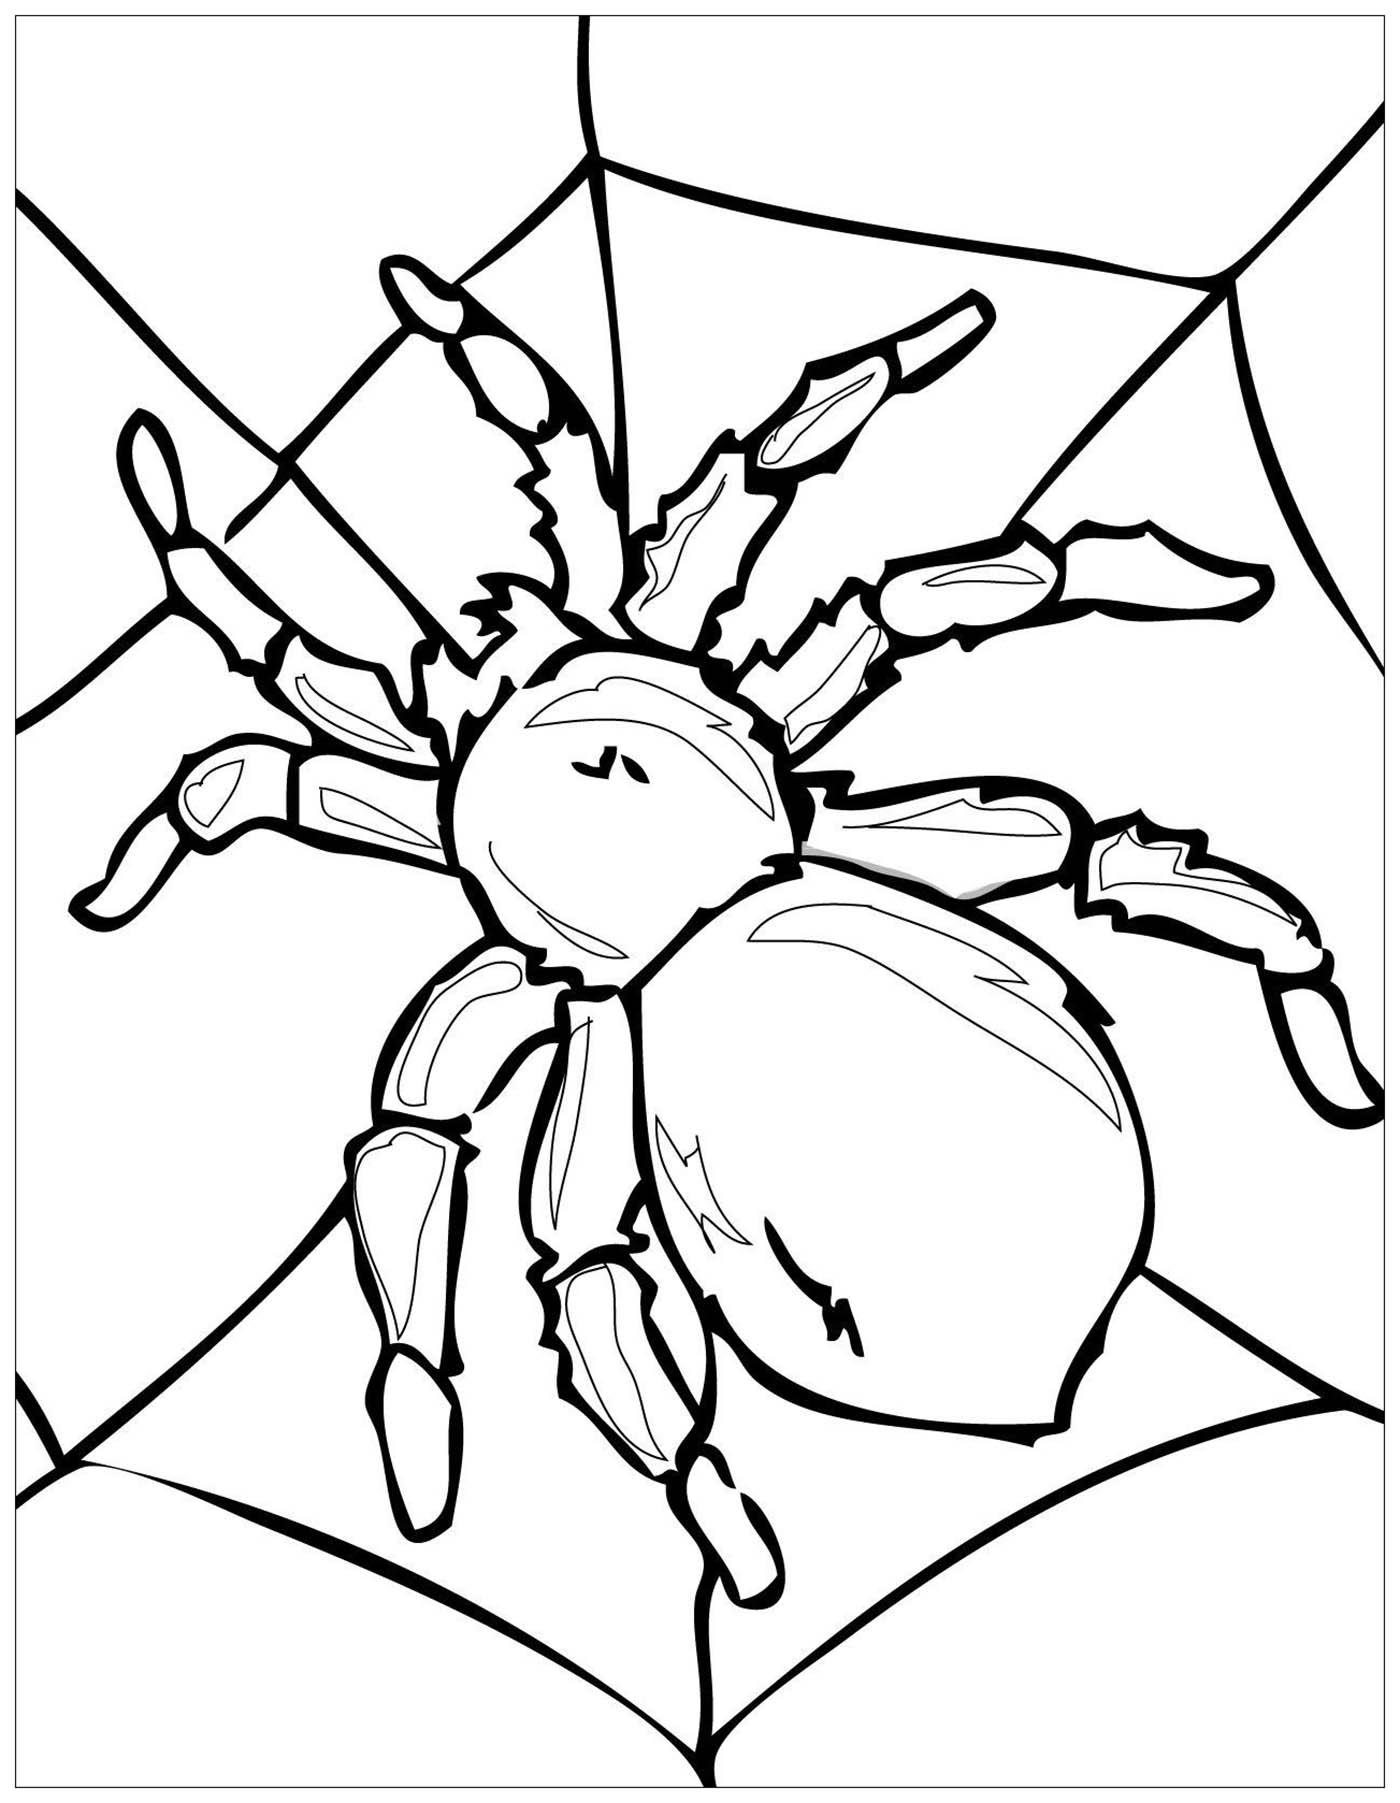 Une grosse araignée sur sa toile !